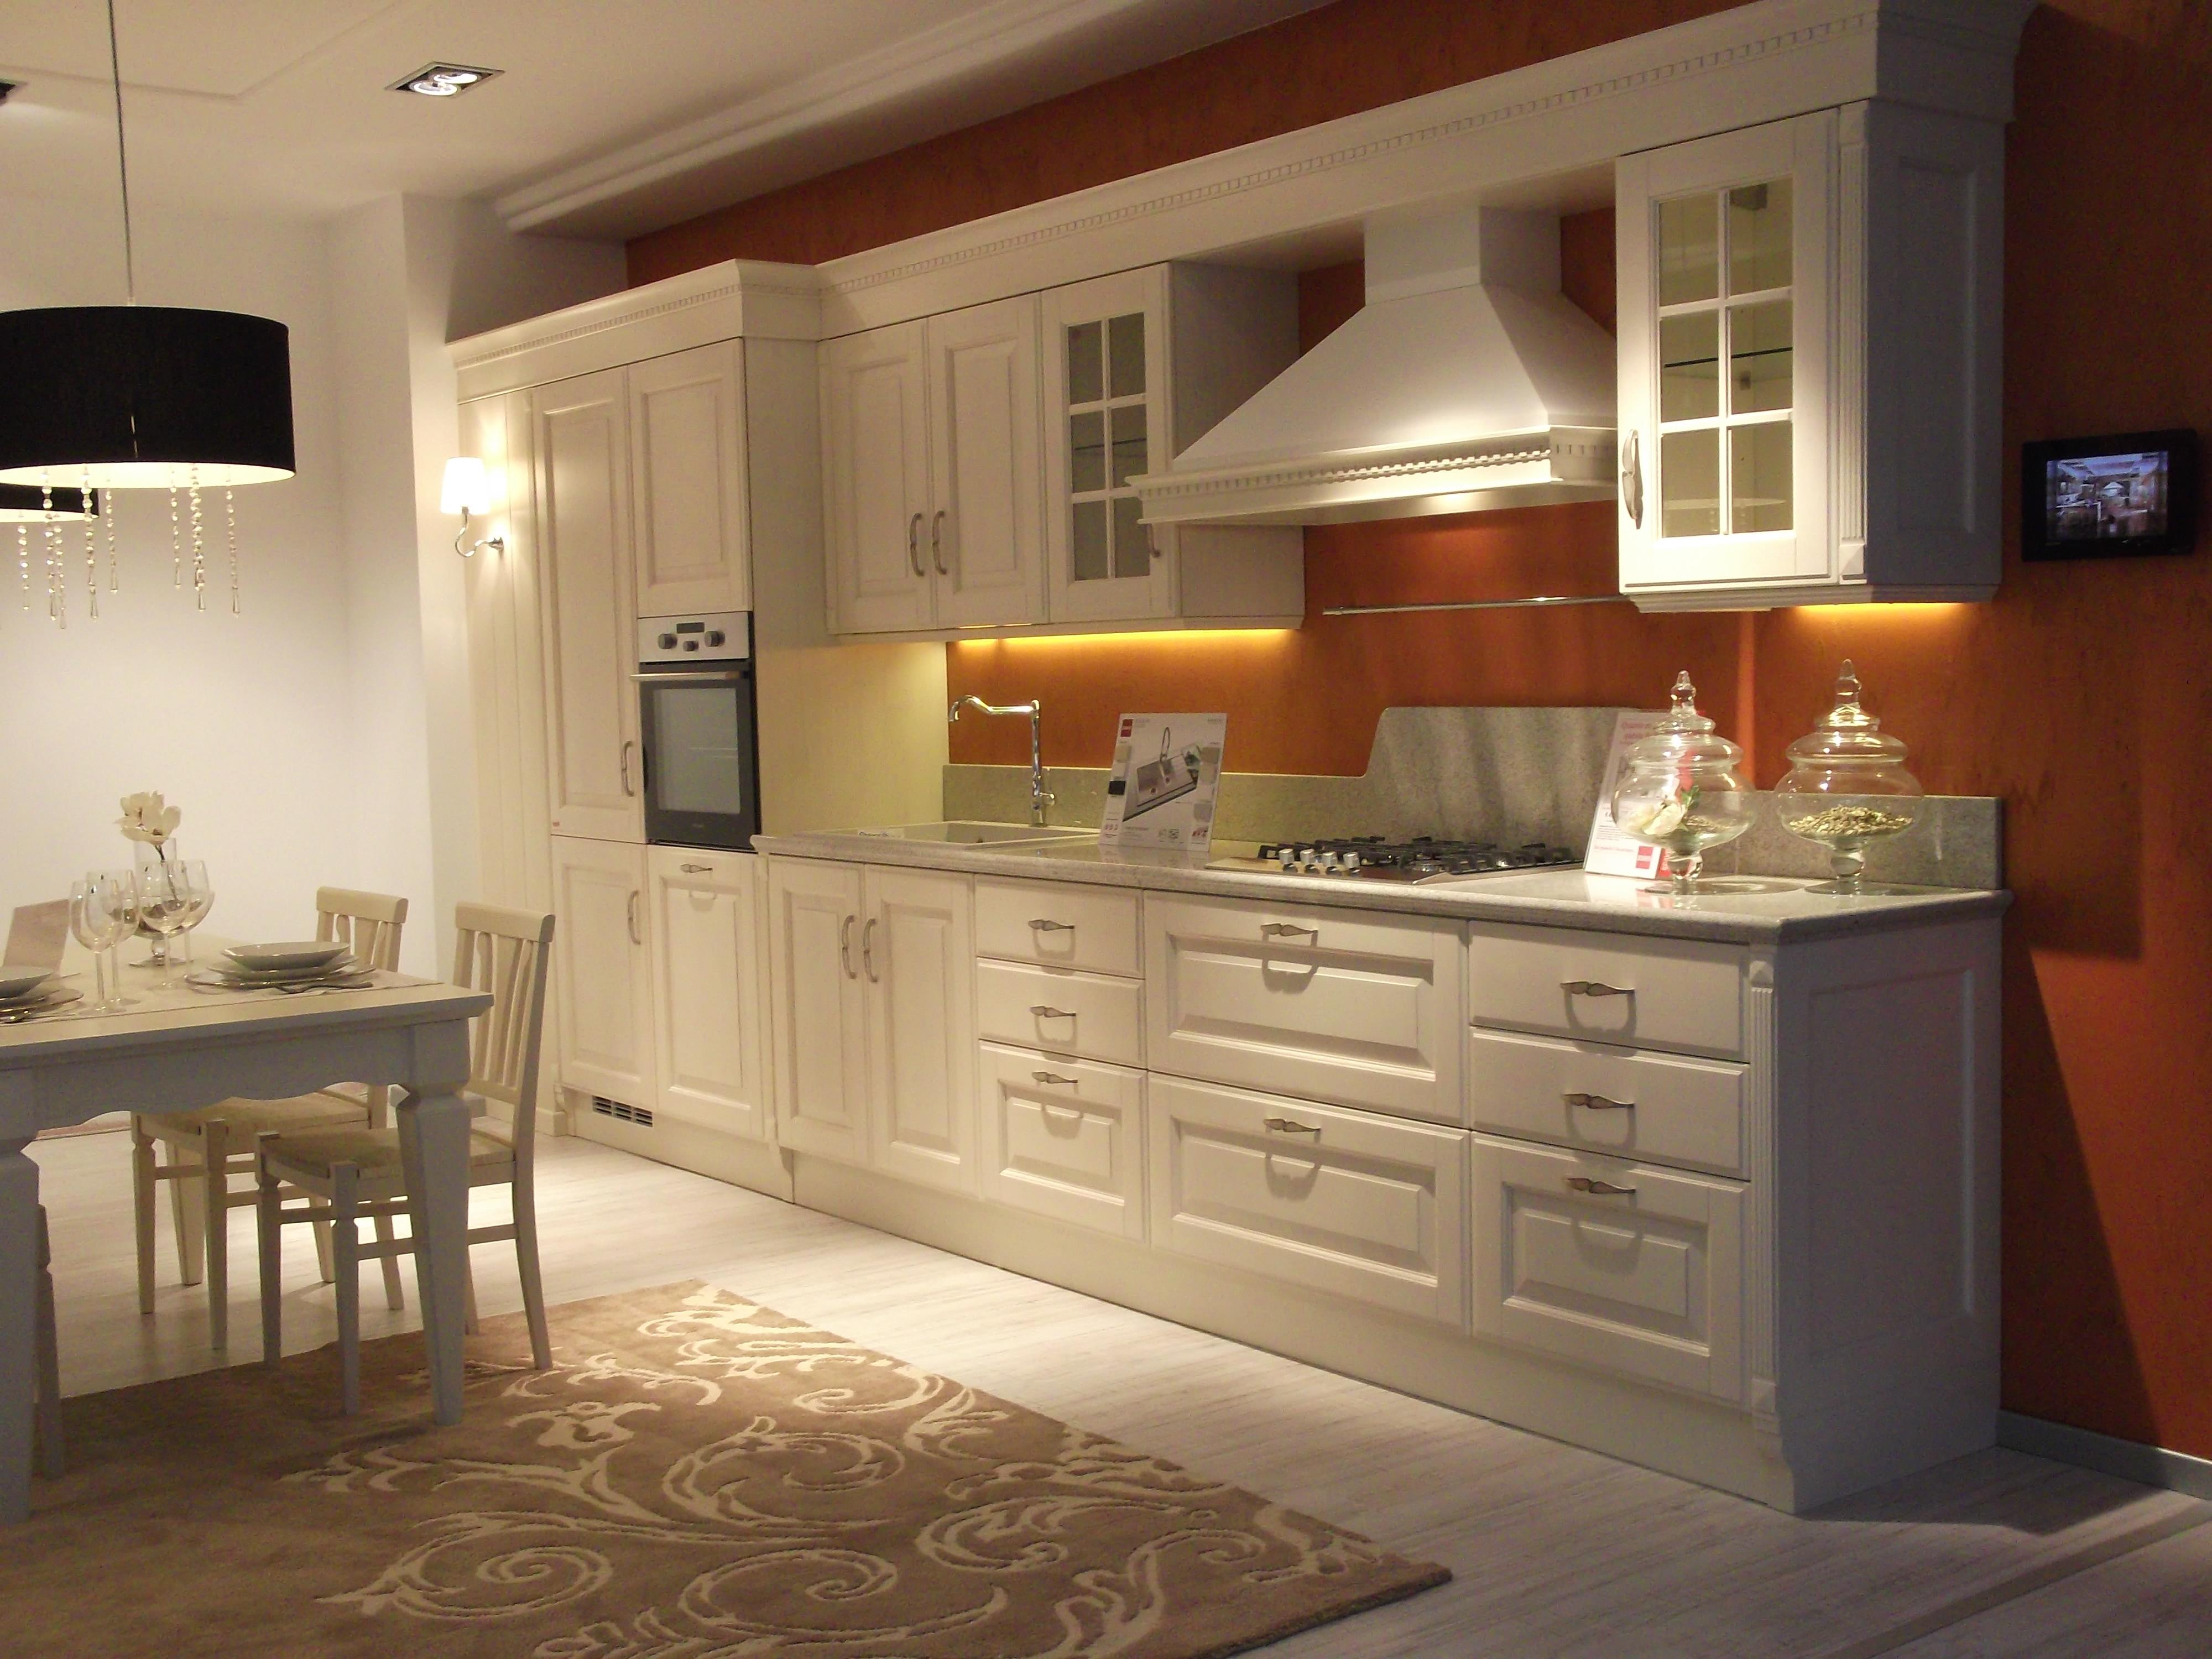 Una cucina scavolini in stile industriale by diesel fyhwl